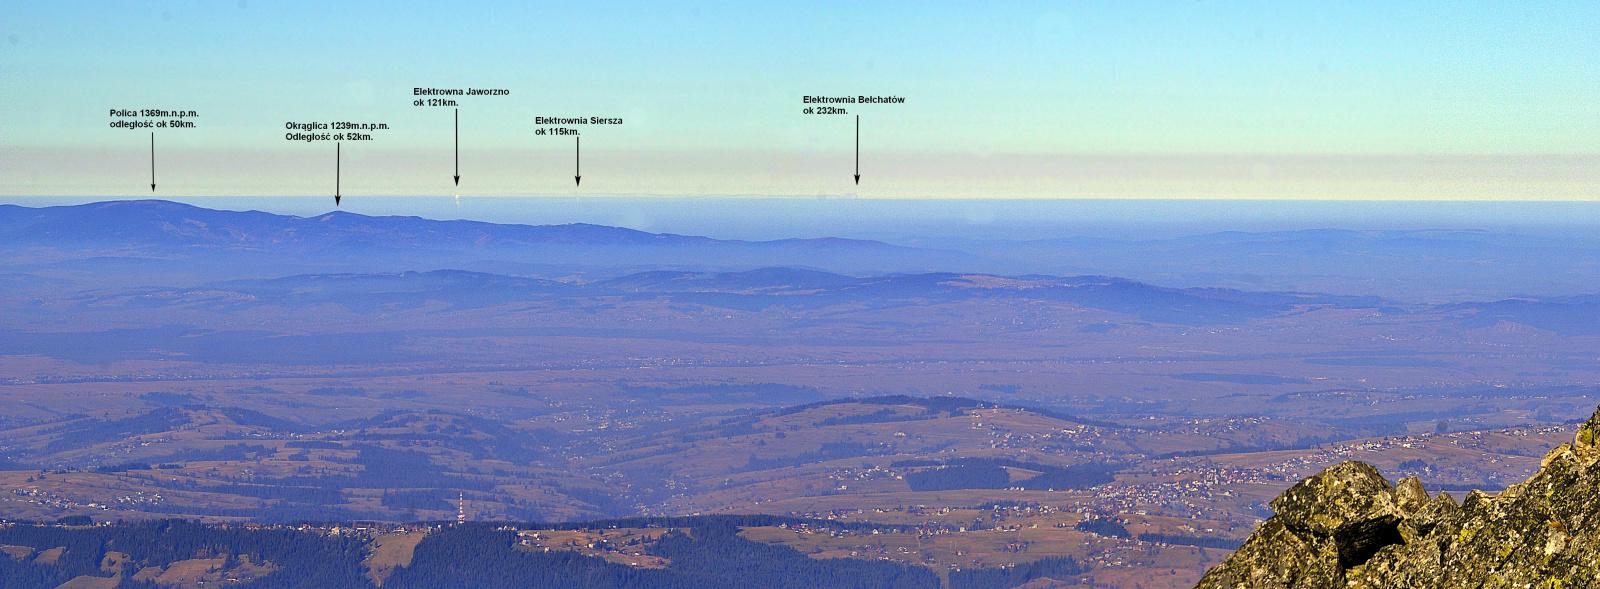 panorama_opis.thumb.jpg.5d0368870b2742a060b9765d8dd76bd0.jpg